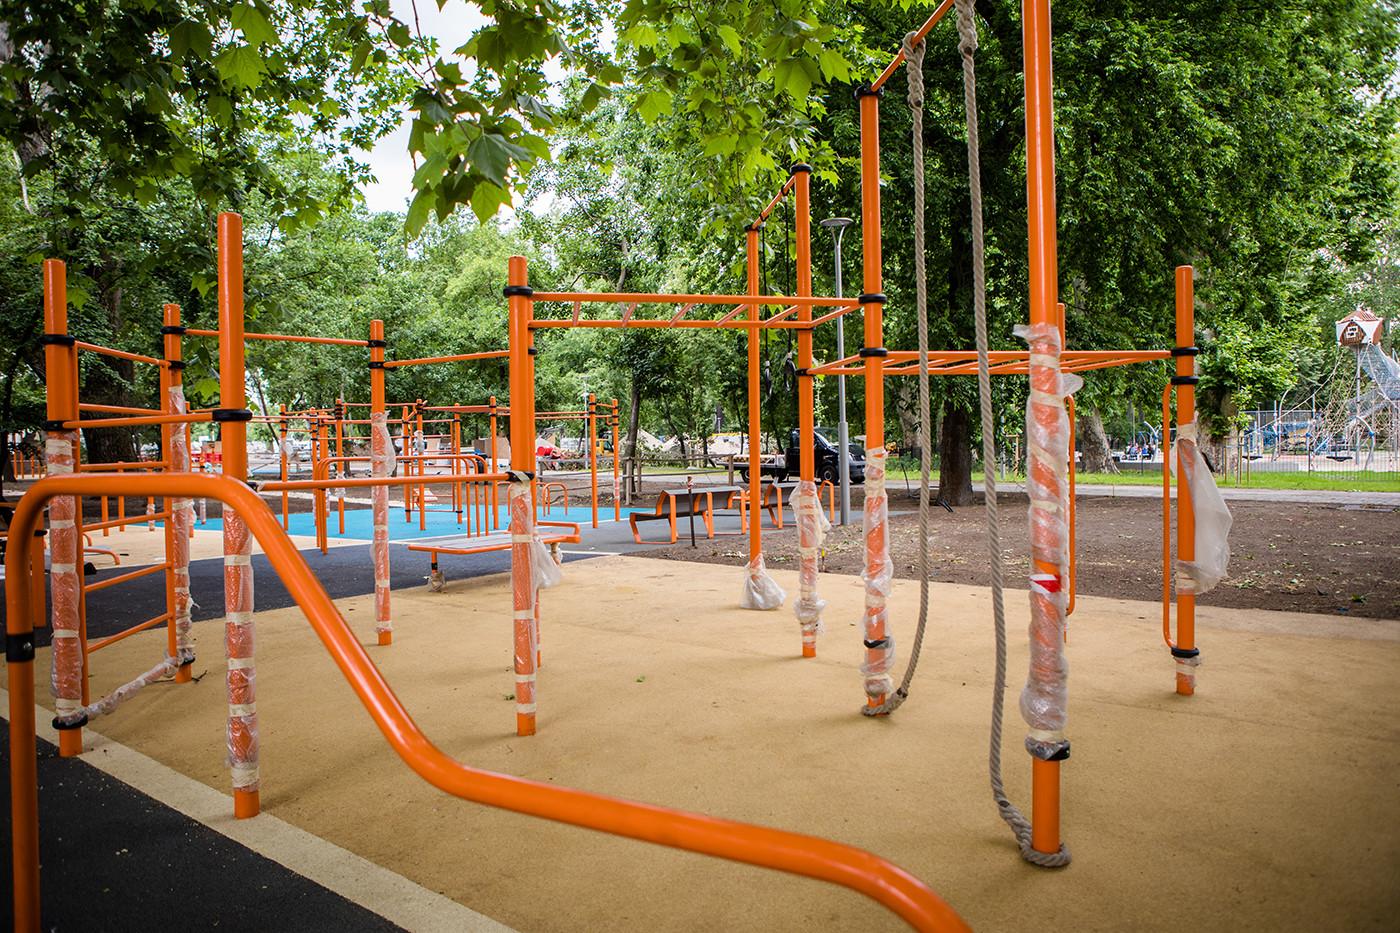 A projekt megvalósítása során kiemelt figyelmet fordítanak az egészséges életmódra ösztönző sportolási és kültéri játszó funkciók erősítésére